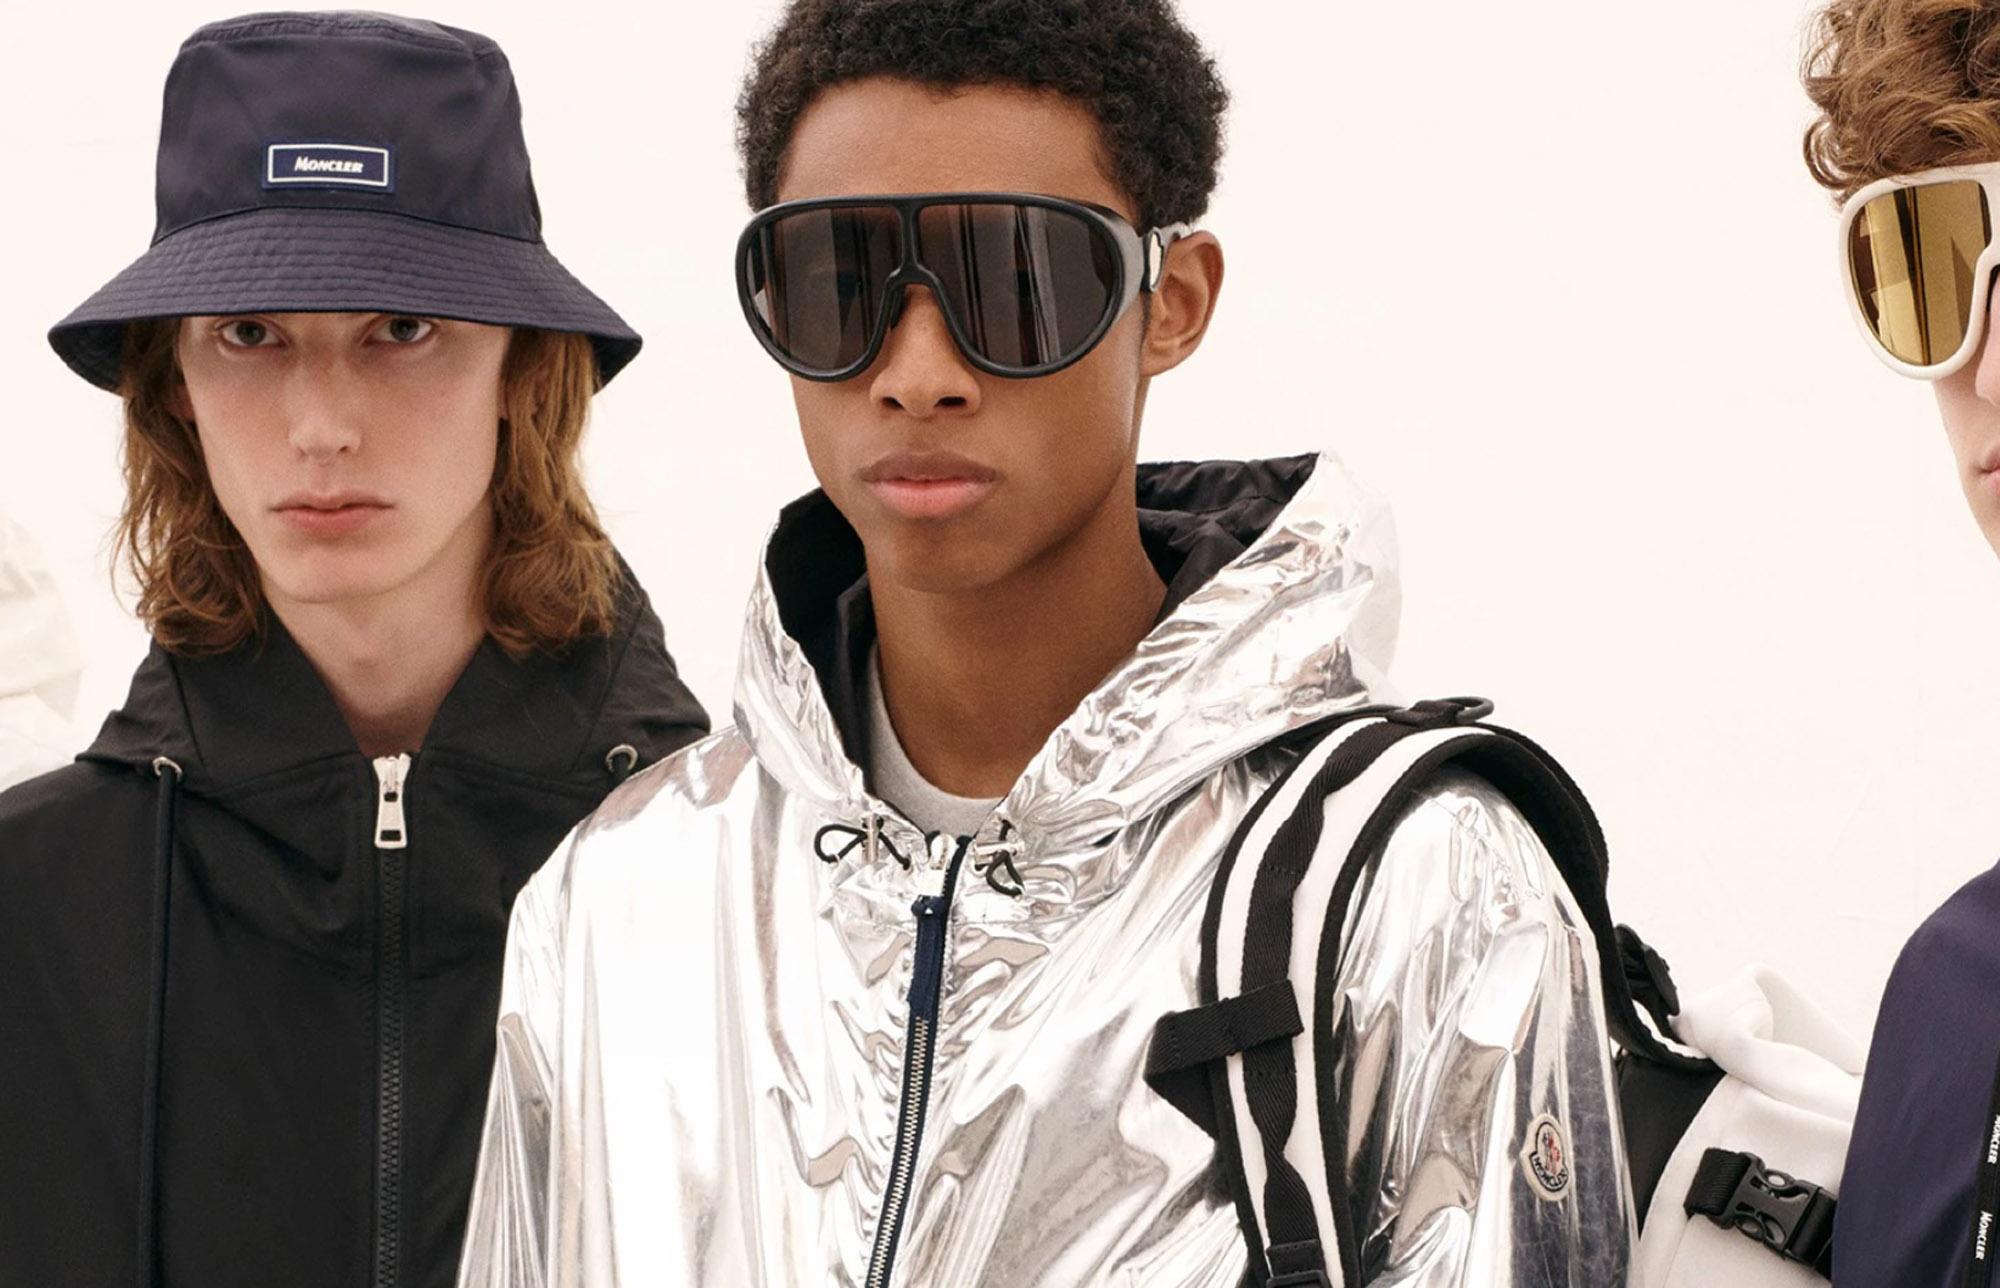 Histoire de Moncler, de la doudoune au streetwear luxe